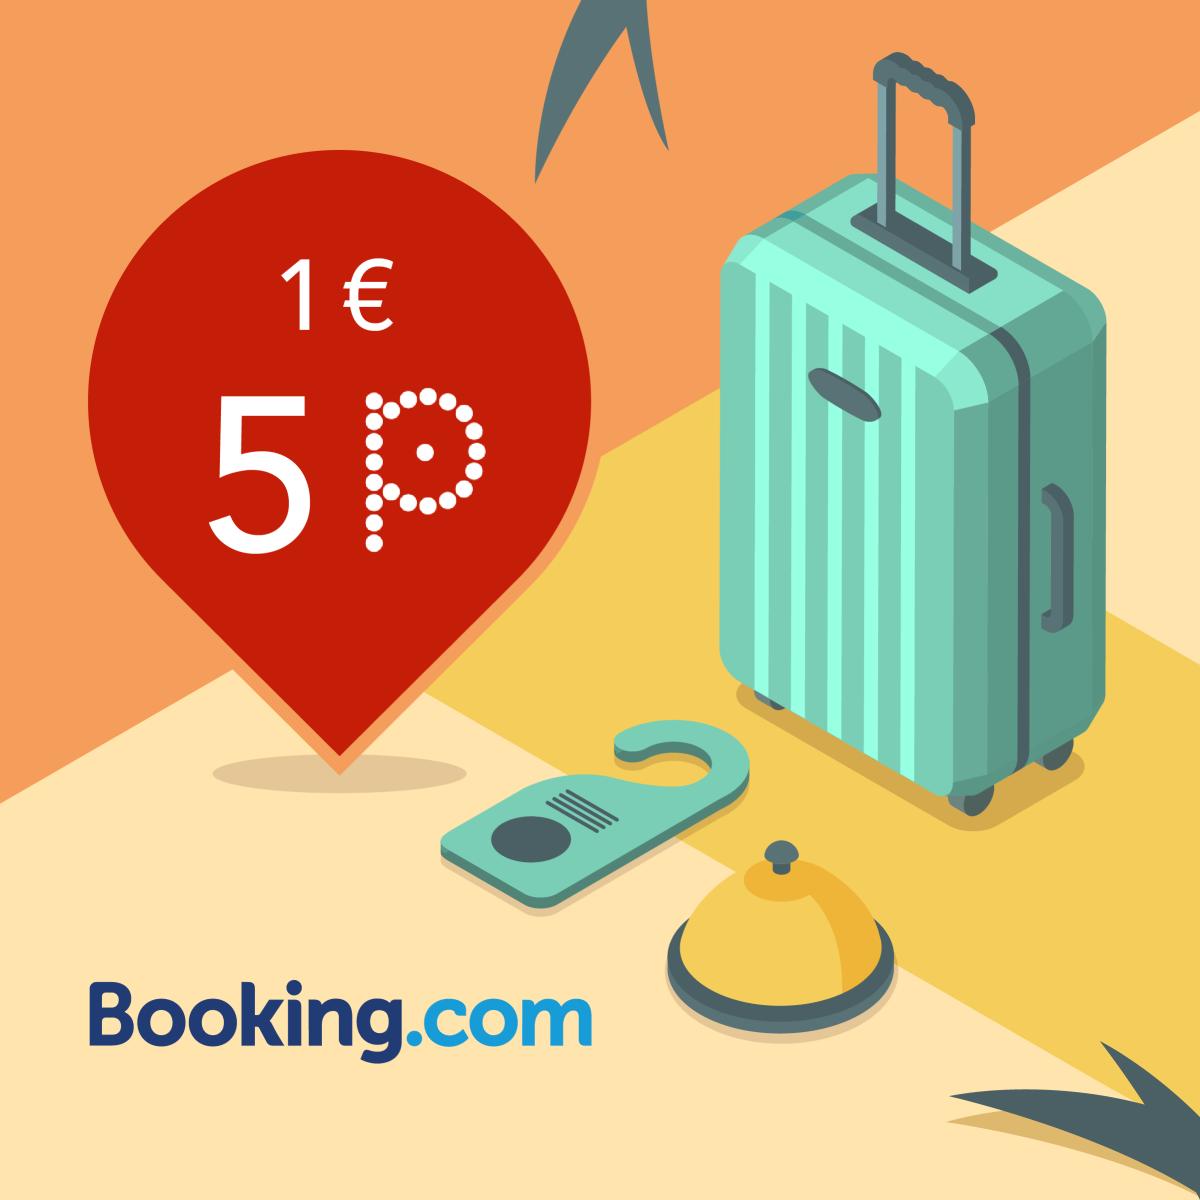 Broneerige Booking.com/airbaltic ja teenige 5P/EUR! image